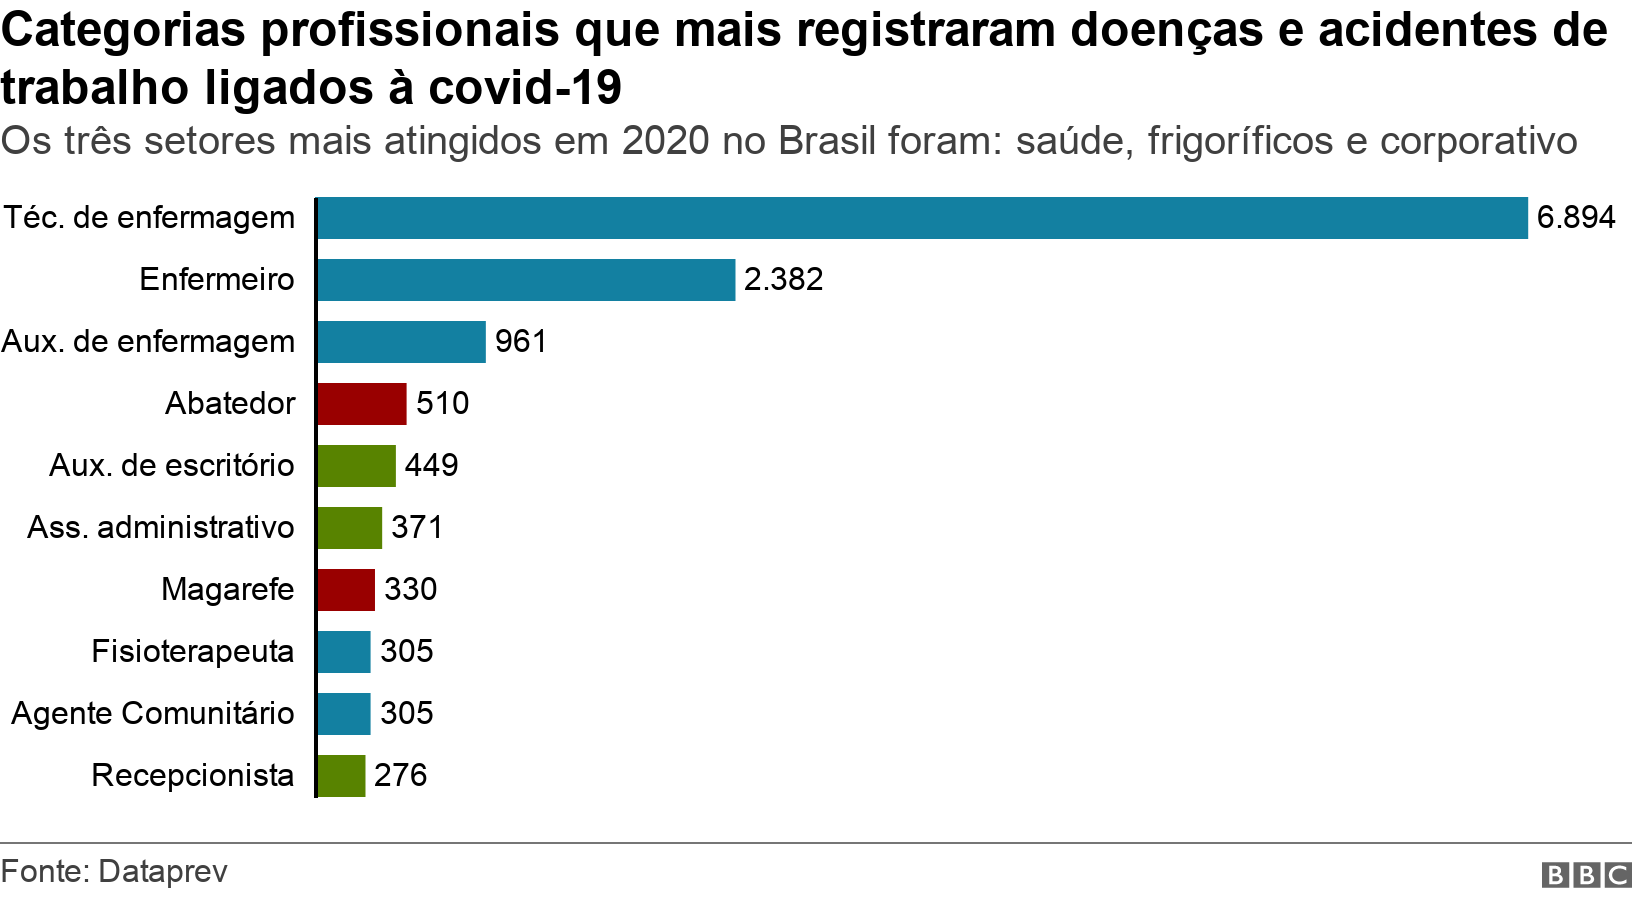 Categorias profissionais que mais registraram doenças e acidentes de trabalho ligados à covid-19. Os três setores mais atingidos em 2020 no Brasil foram: saúde, frigoríficos e corporativo. .